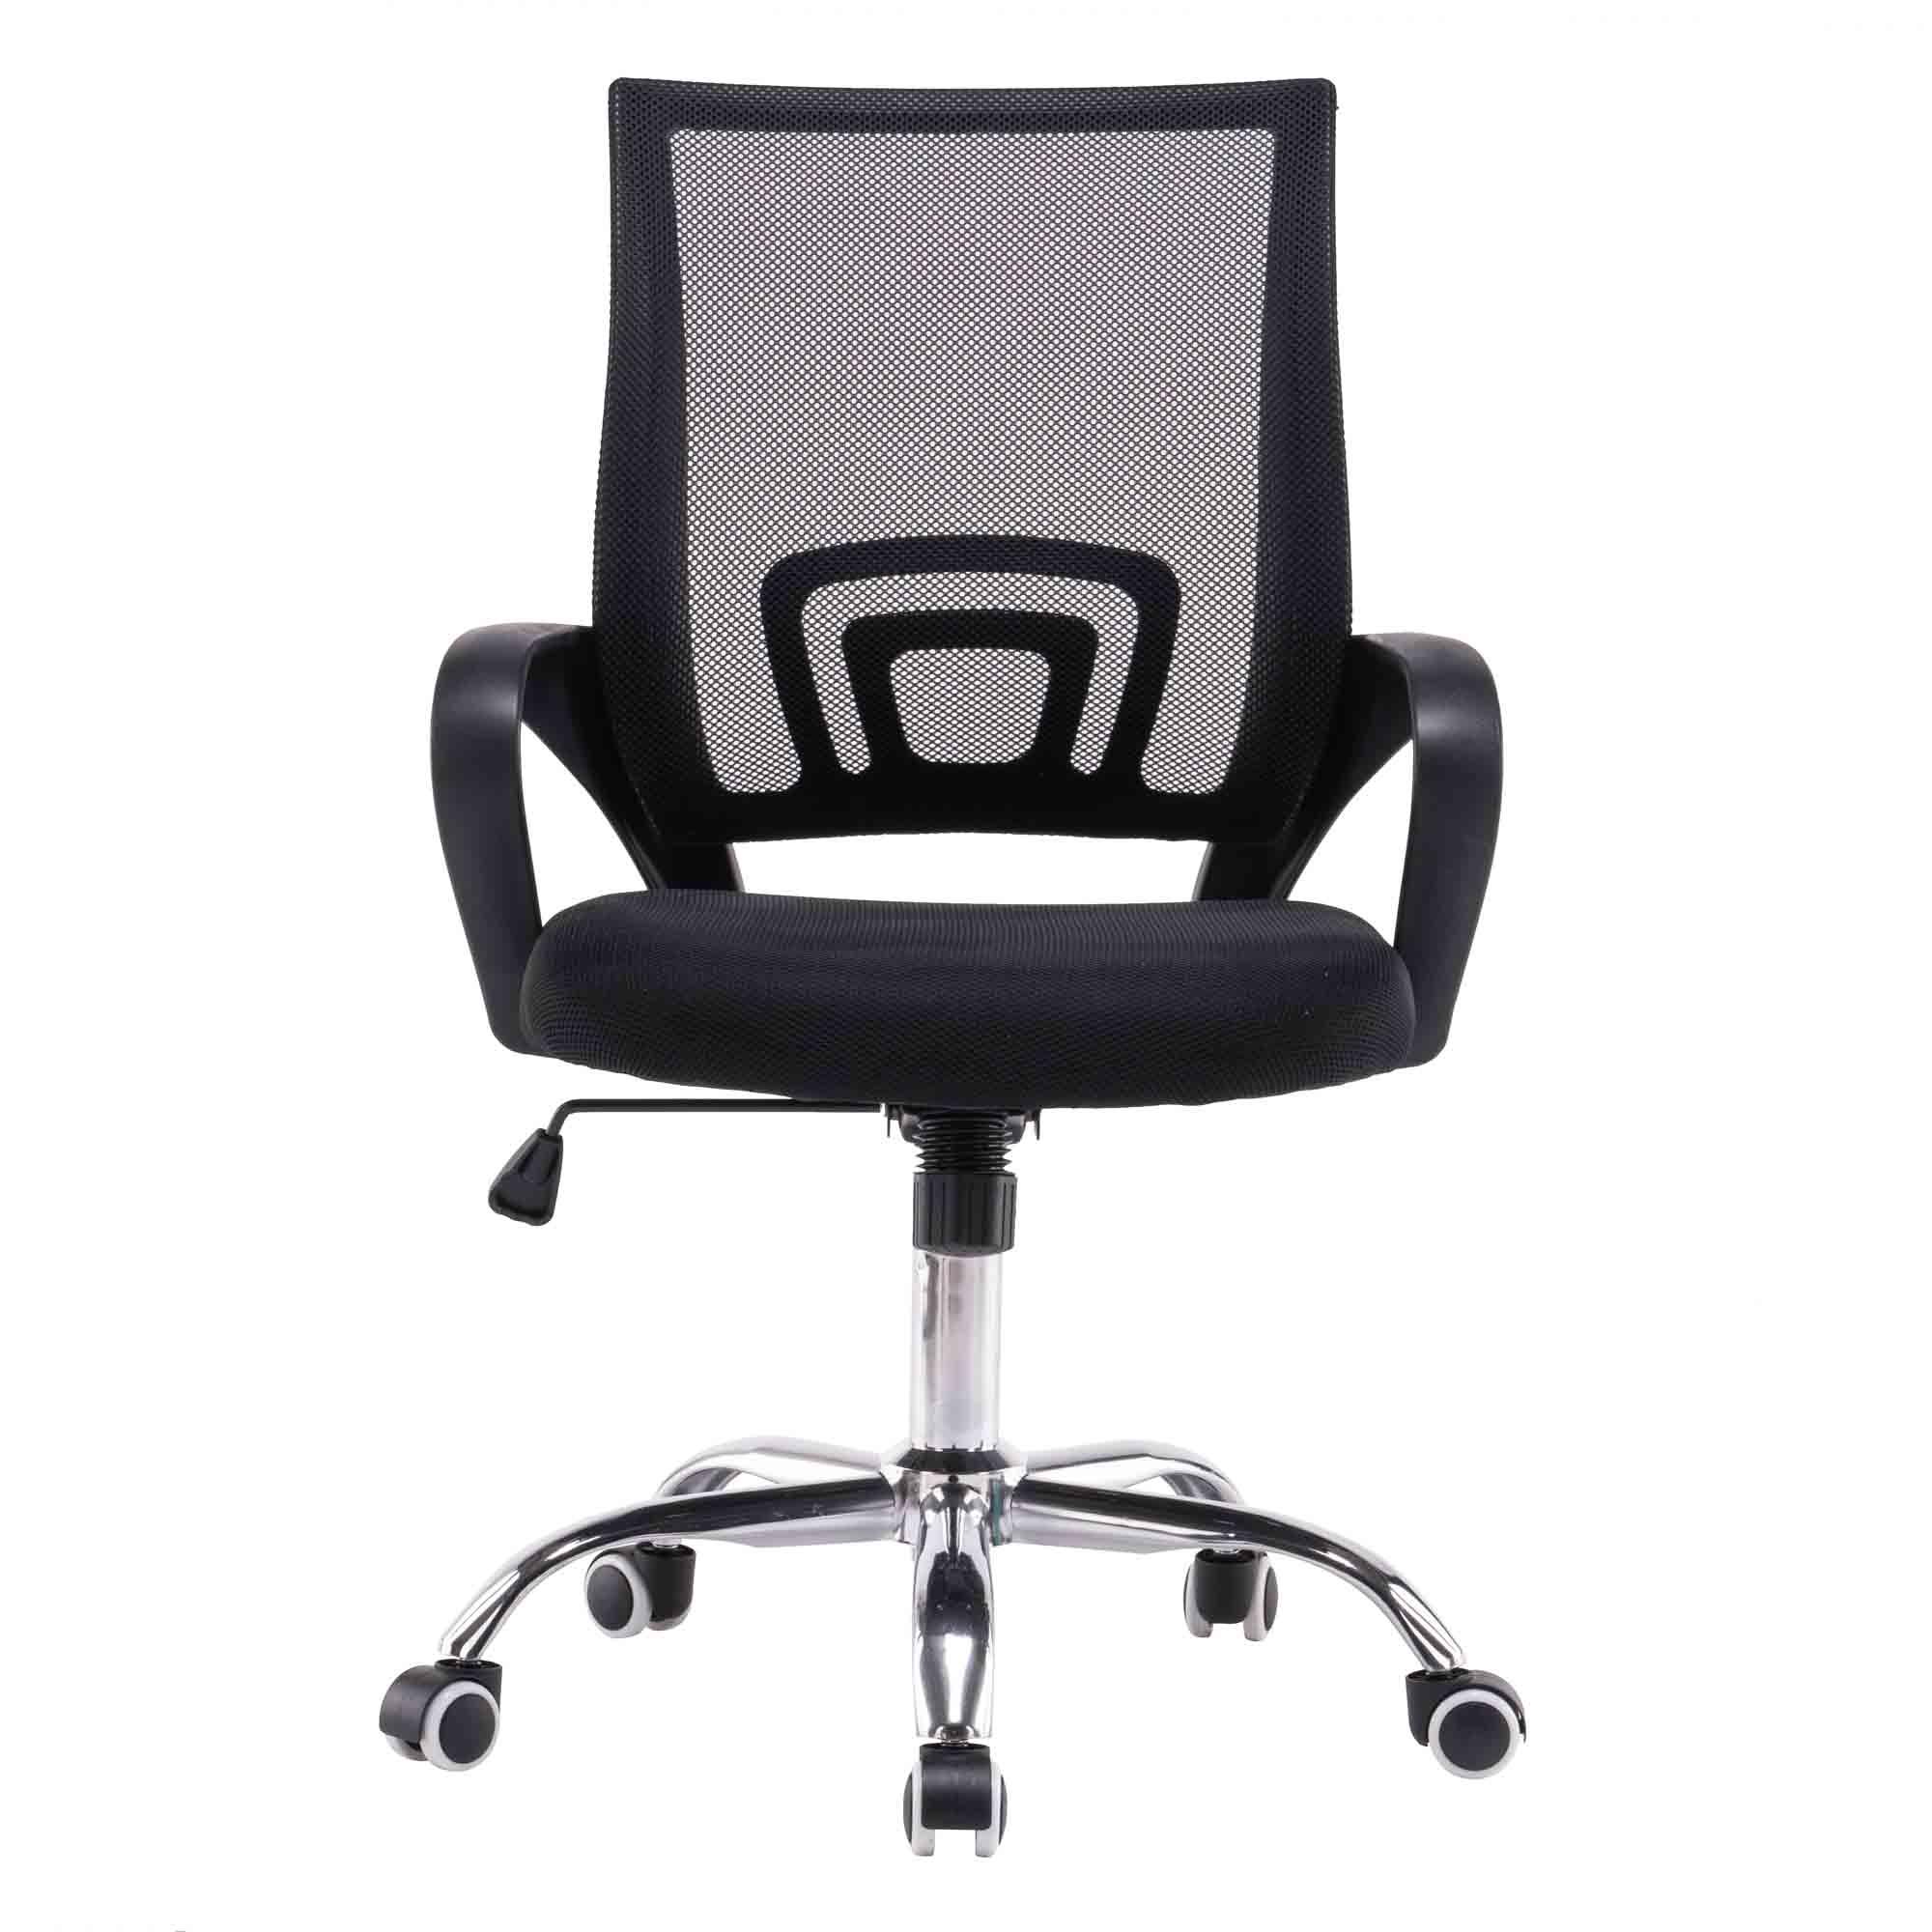 Cadeira de Escritório Coaching Santino Preta - SAD1U01